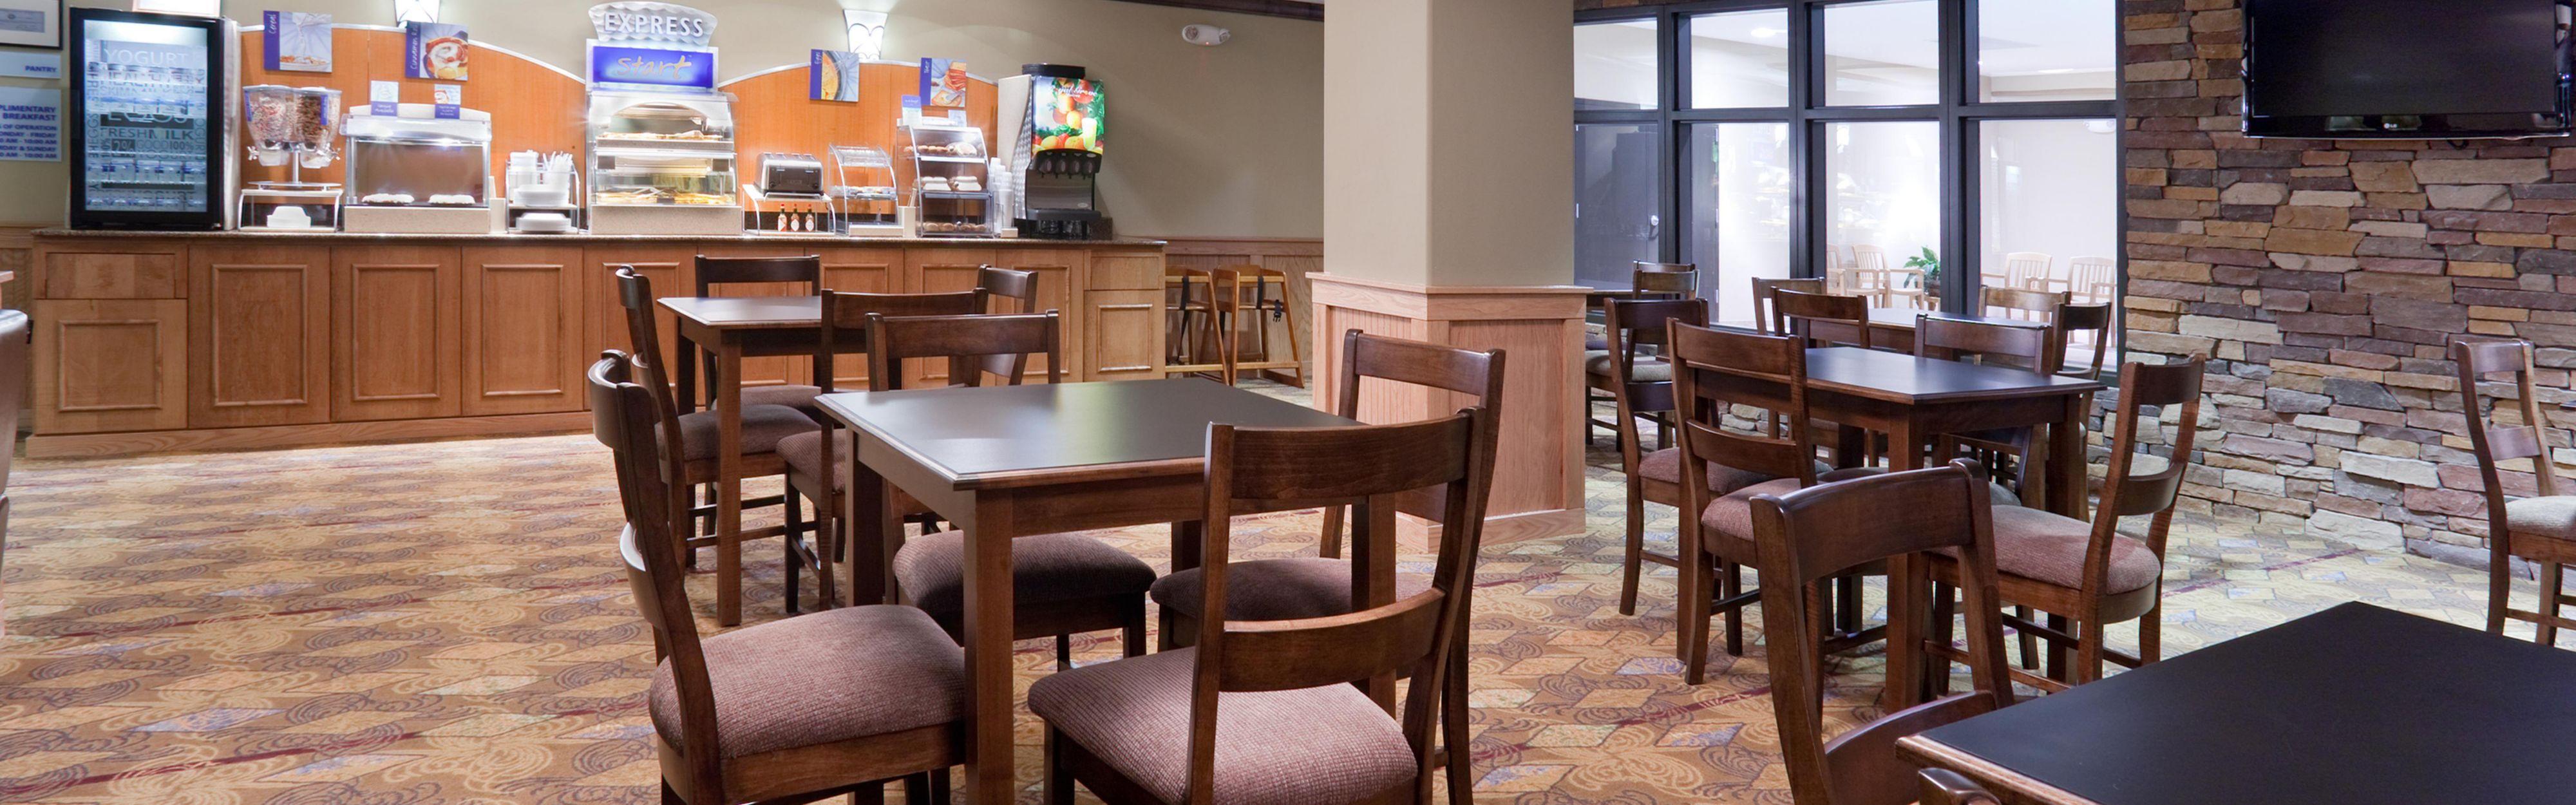 Holiday Inn Express & Suites Lander image 3